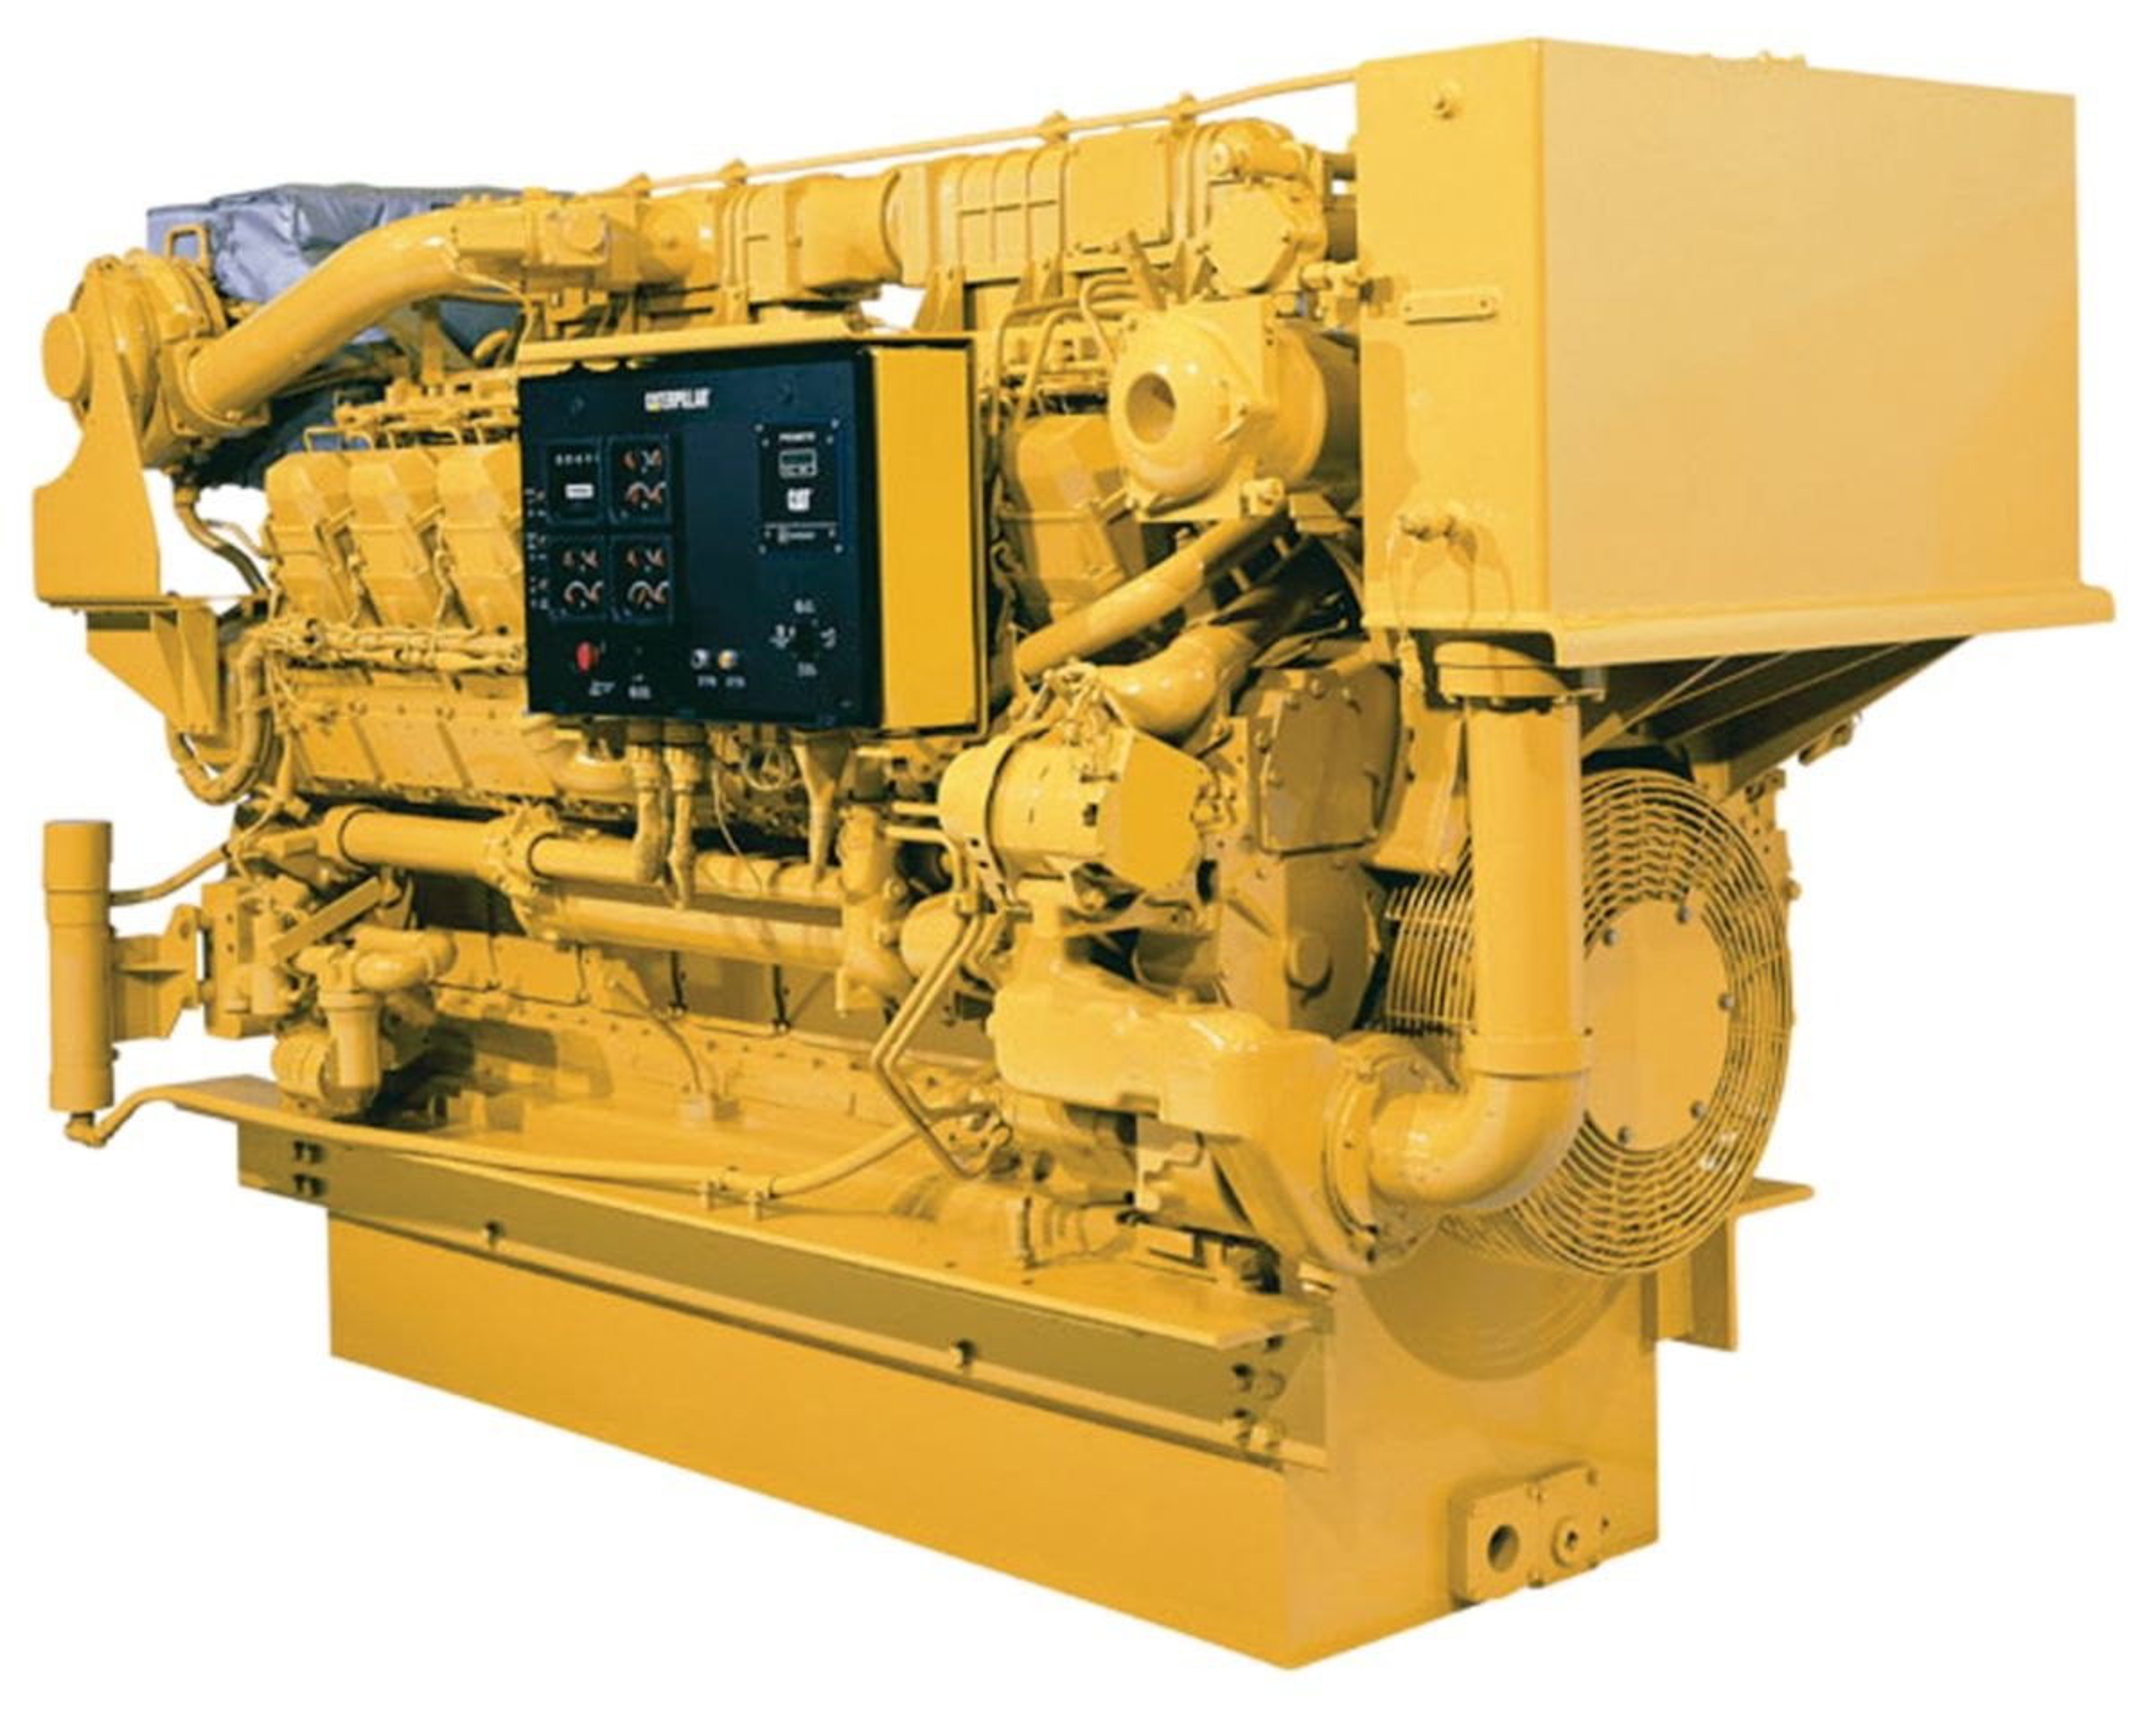 Cat 3516B Marine Propulsion Engine